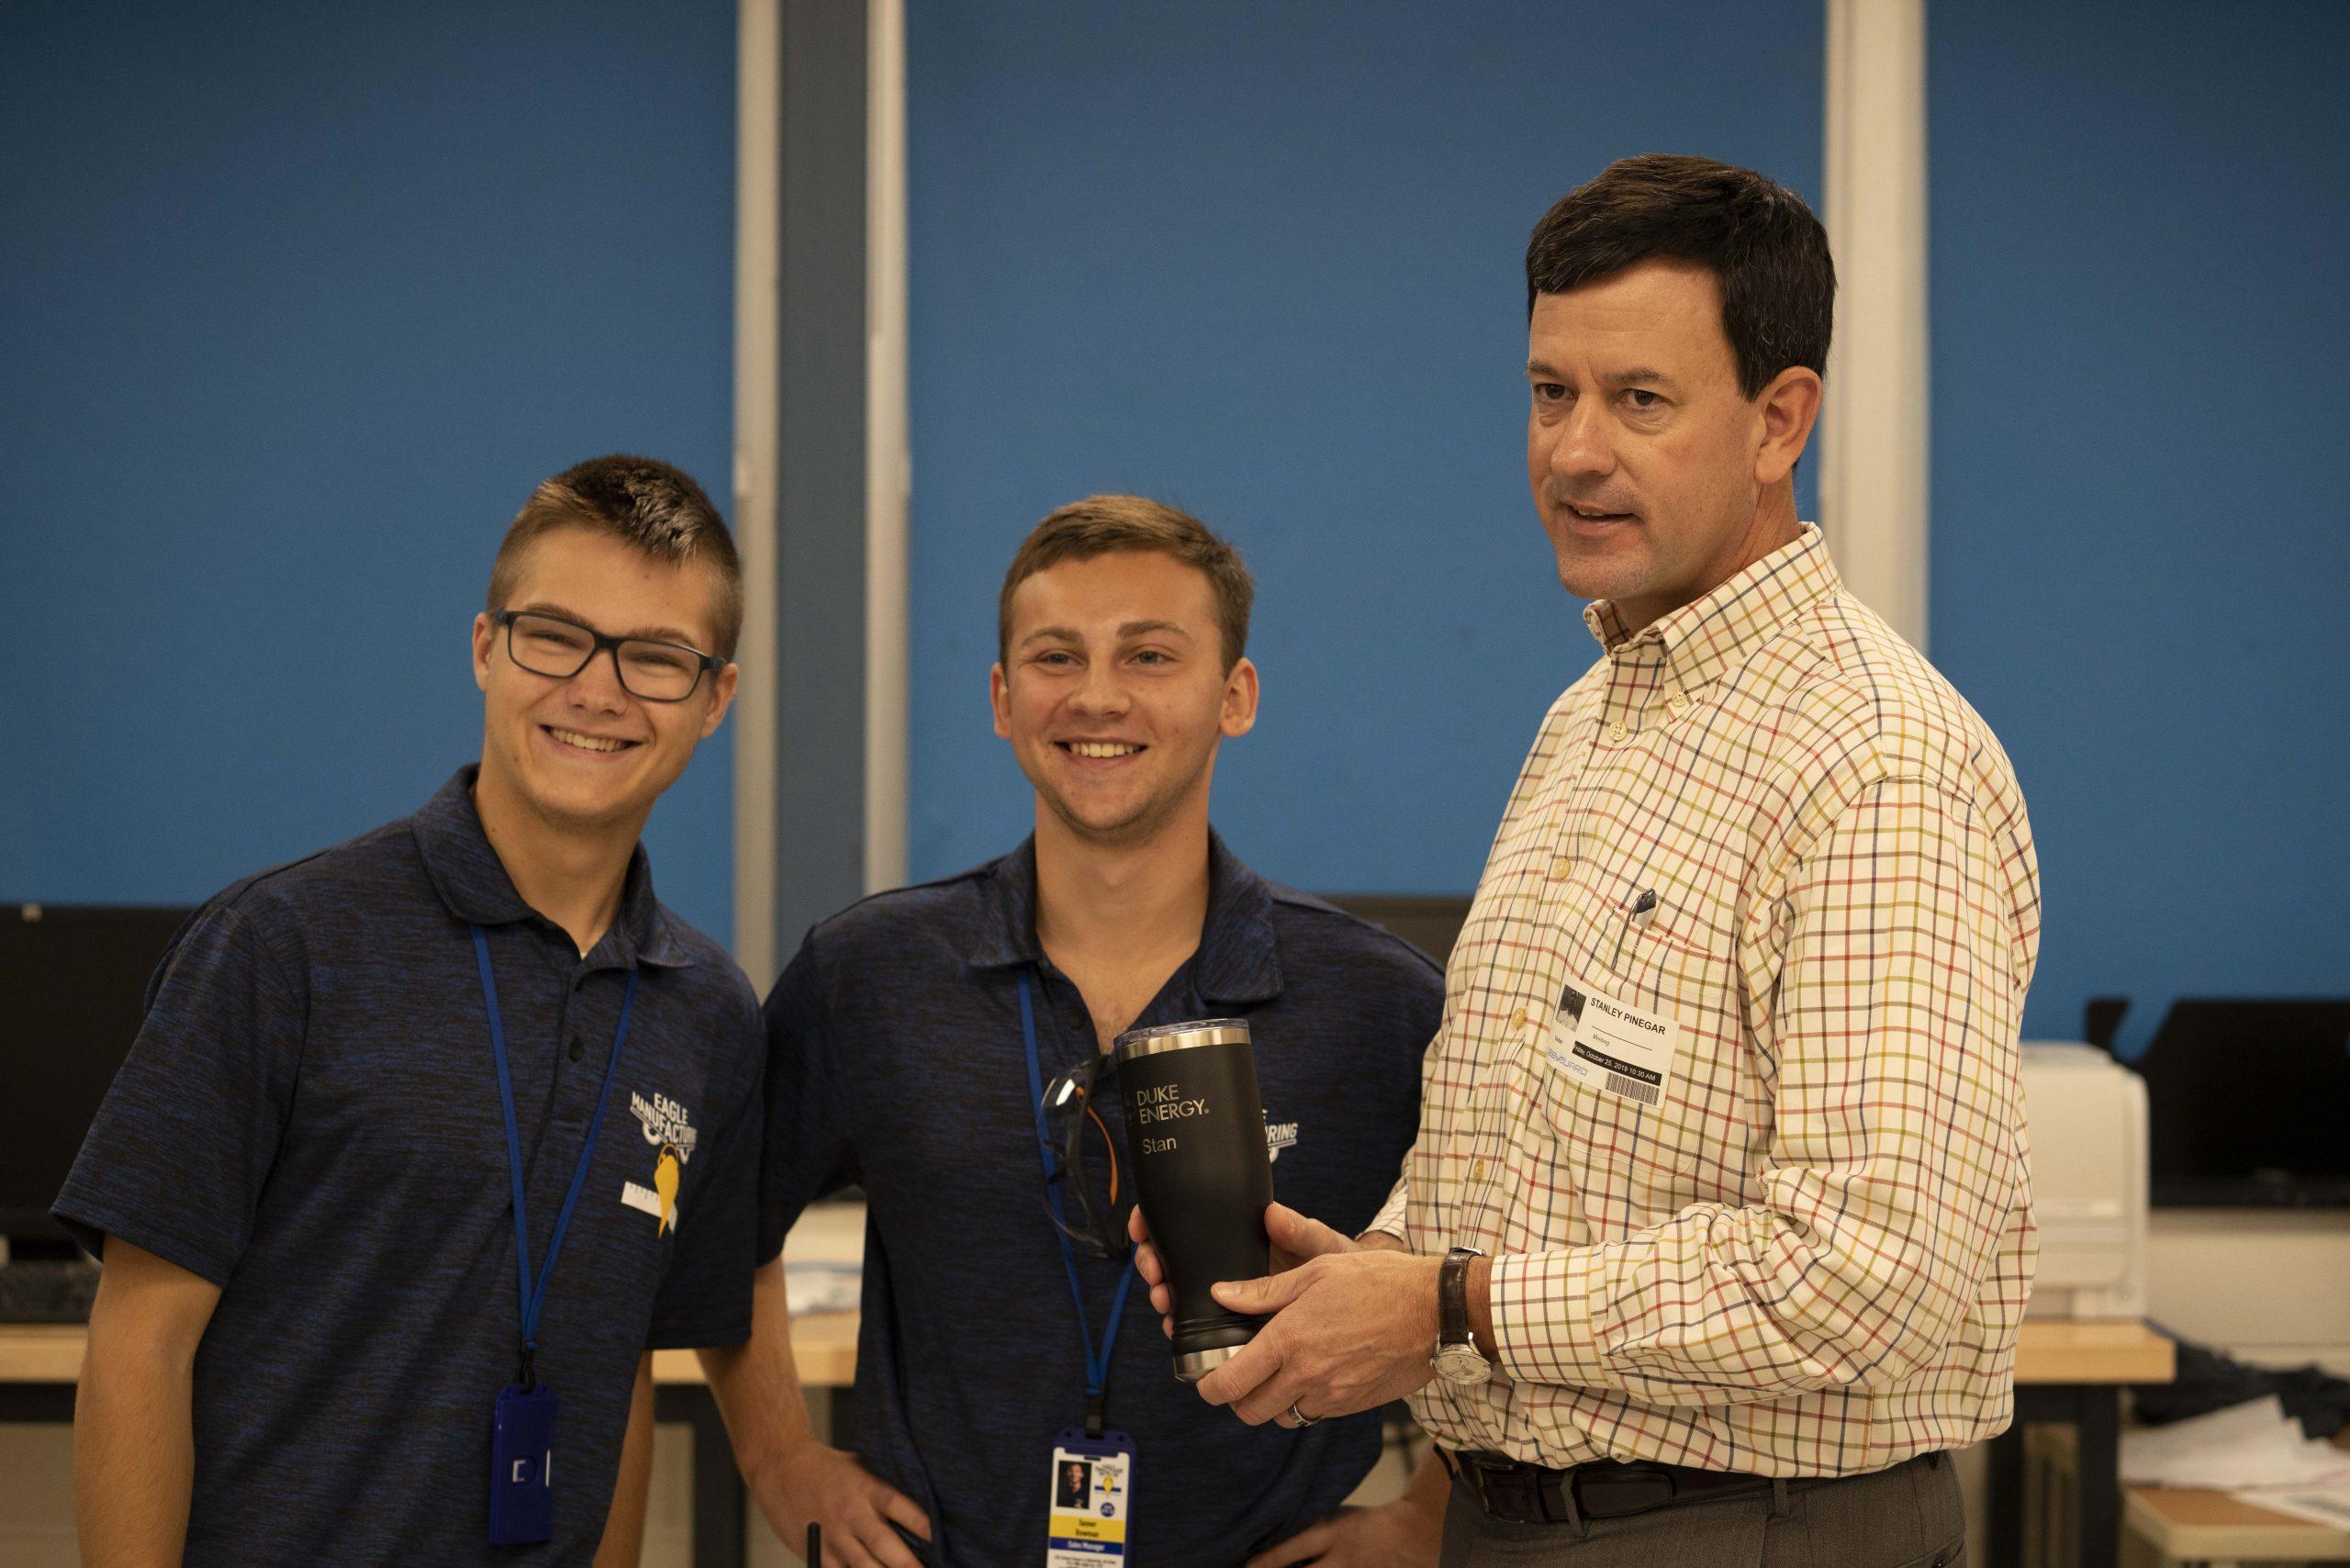 President of Duke Energy's Indiana Operations, Stan Pinegar, receives his custom Duke Energy tumbler